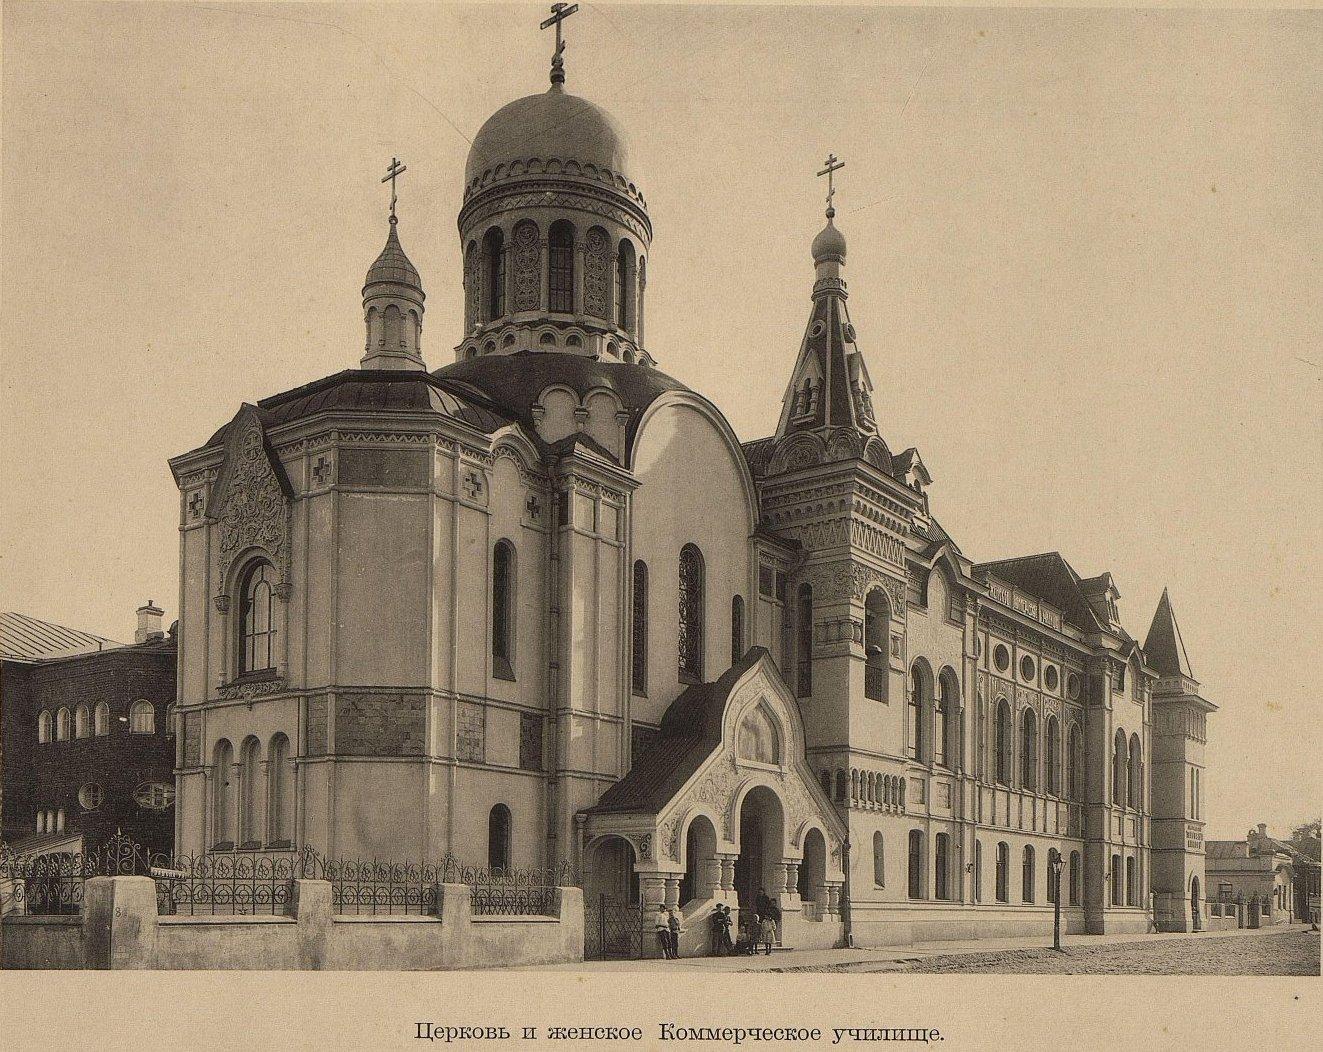 04. Церковь и женское Коммерческое училище